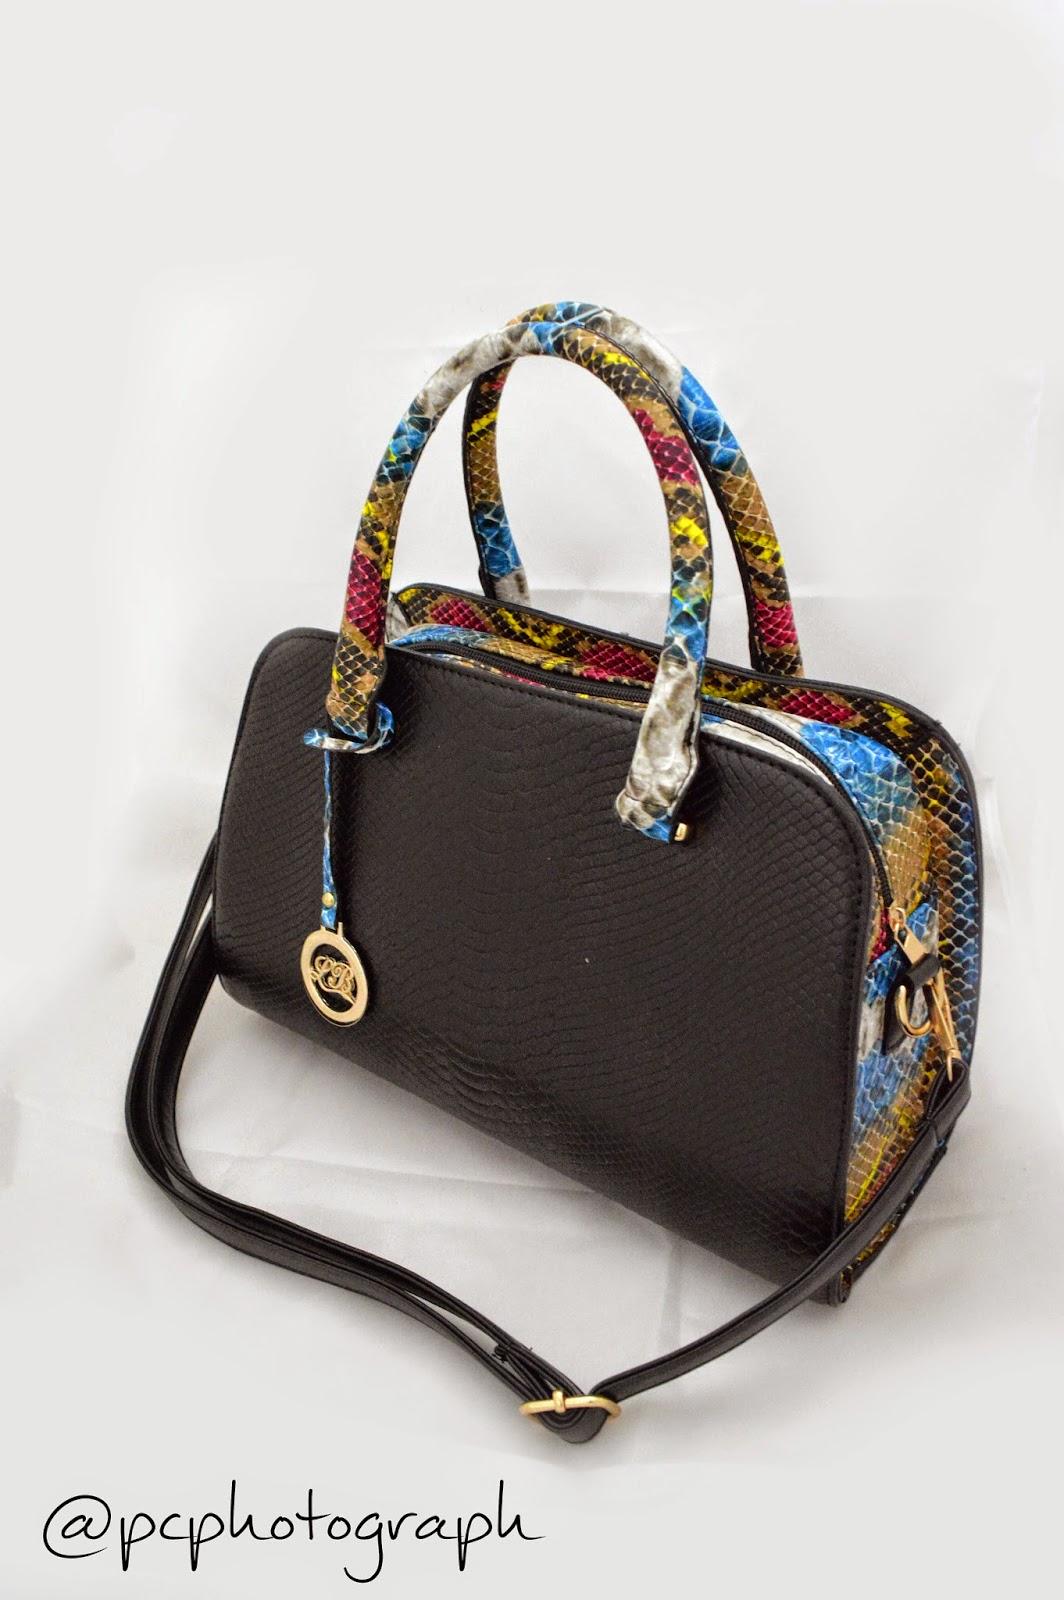 grosir tas batam terbesar yang merupakan supplier tas fashion menerima dropshipper dan reseller sebagai partner kerja